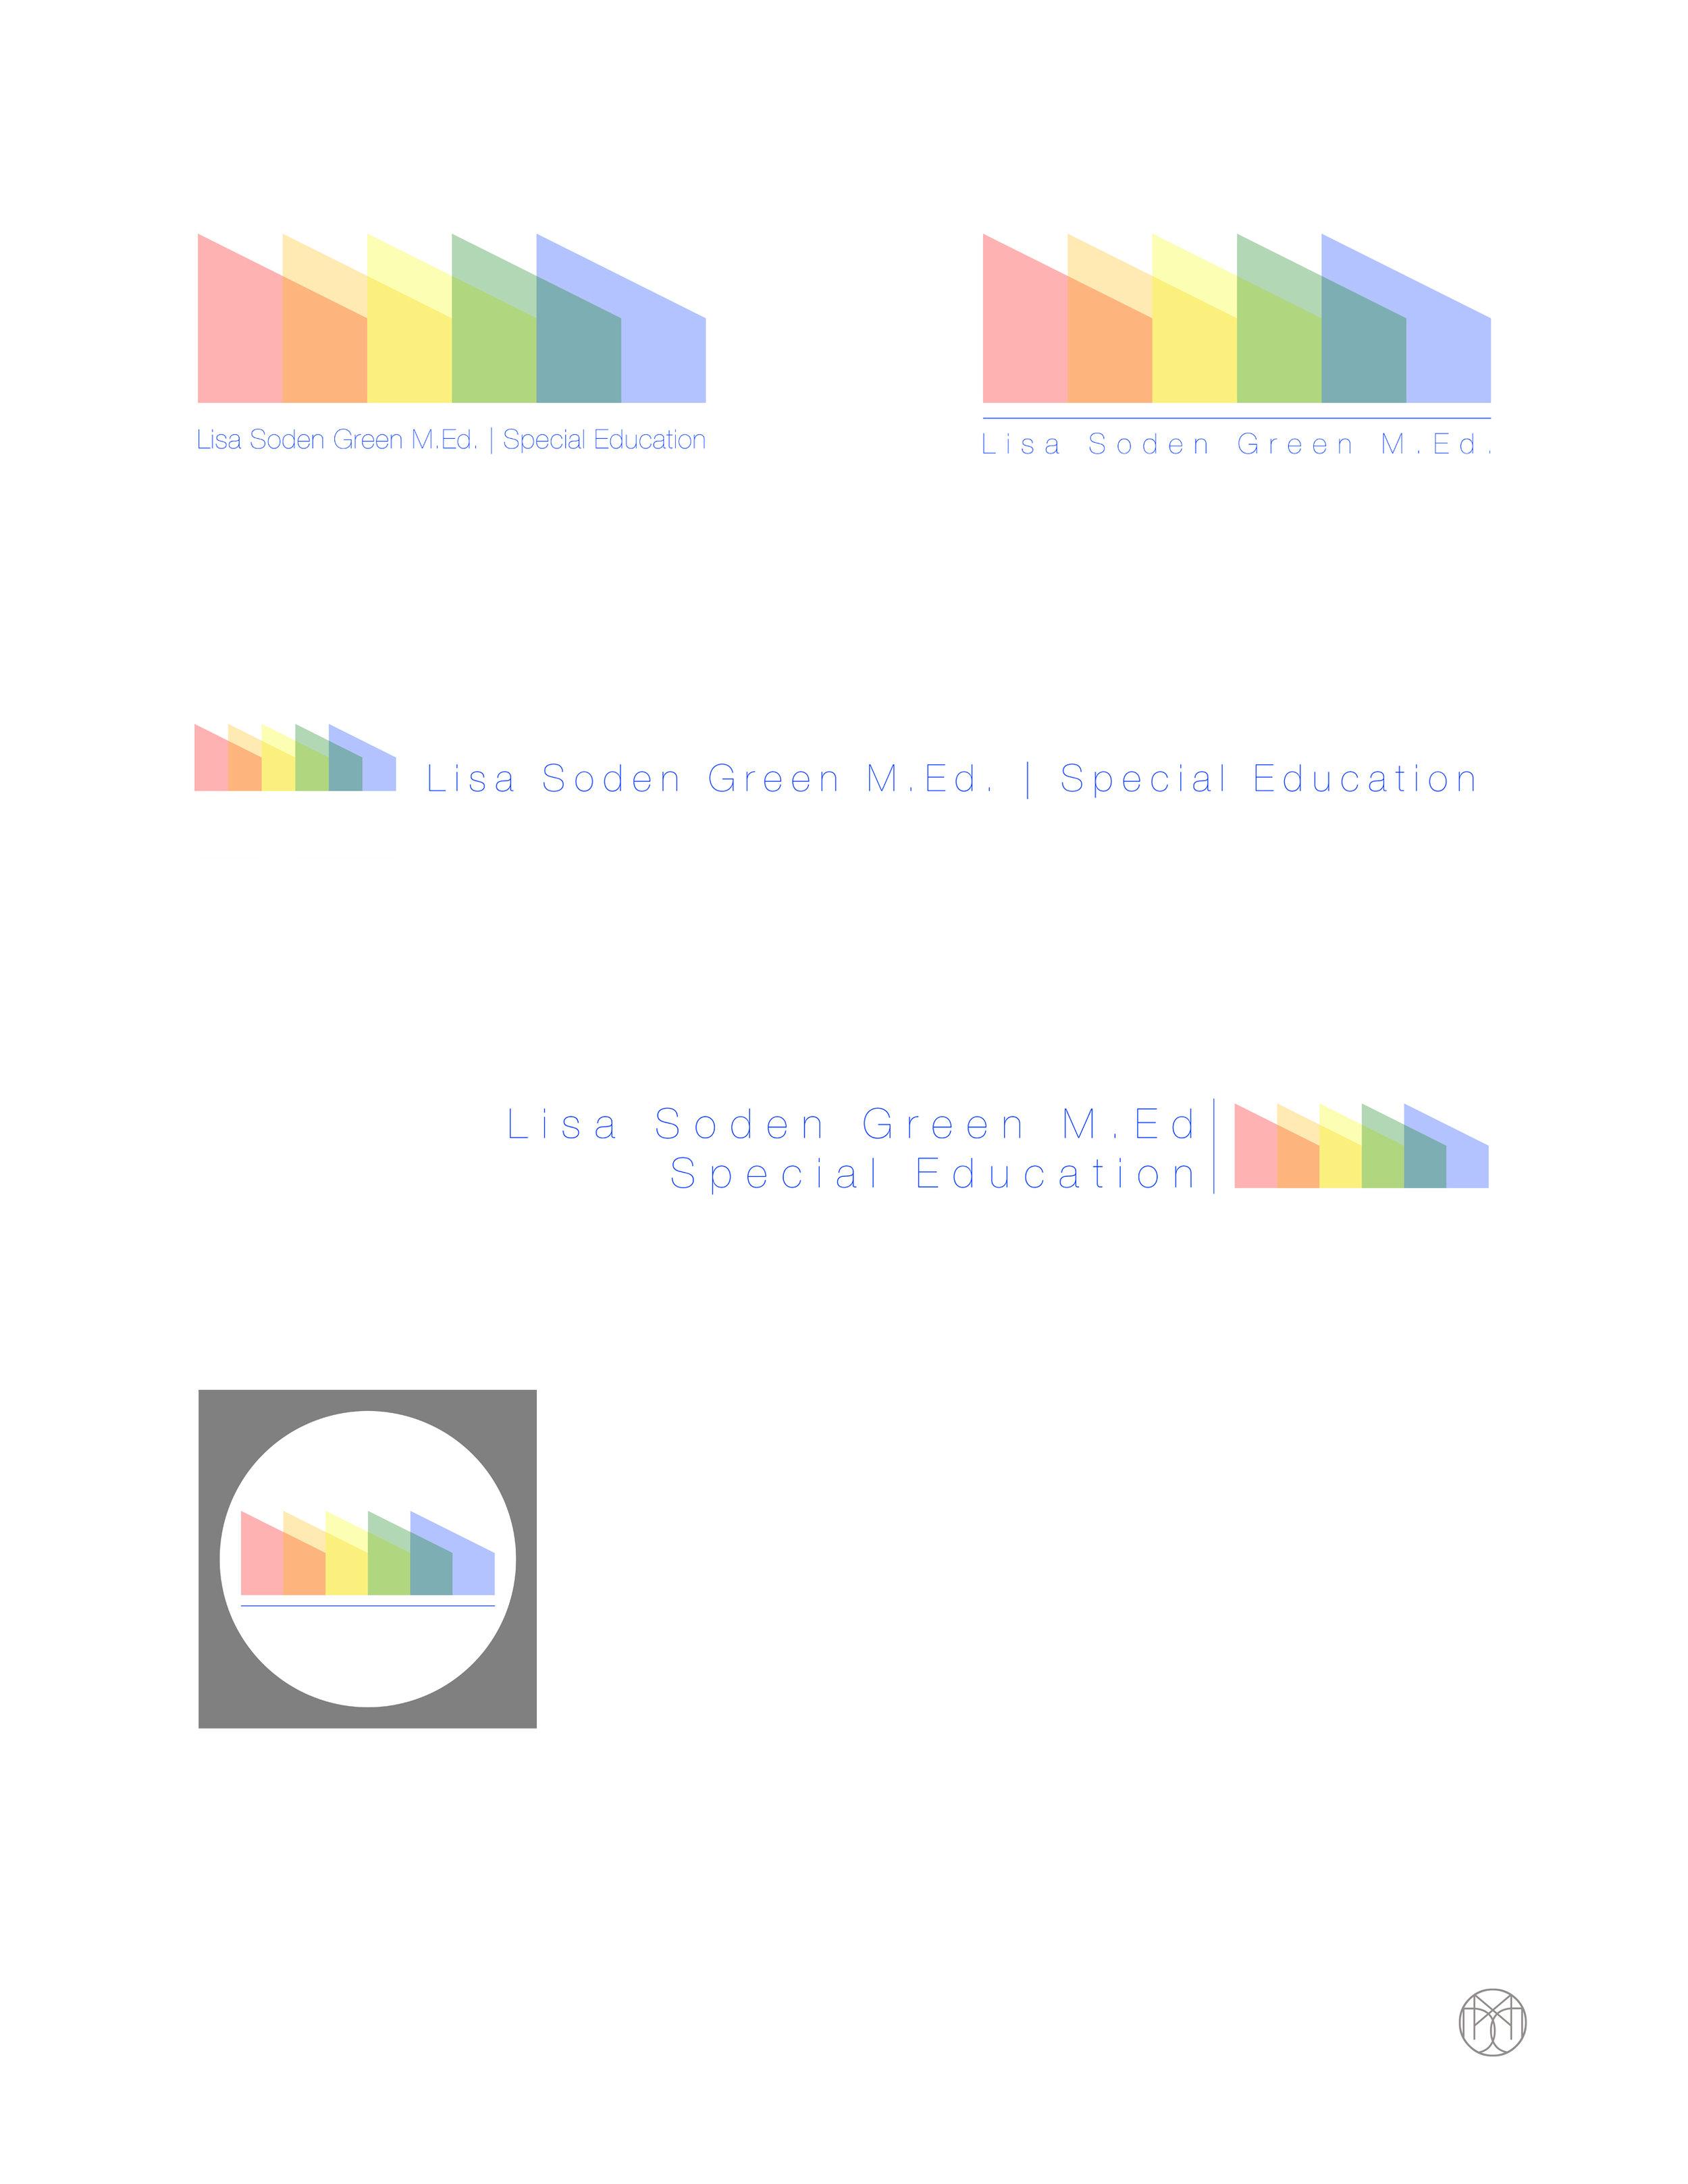 LSG styleguide 2.jpg